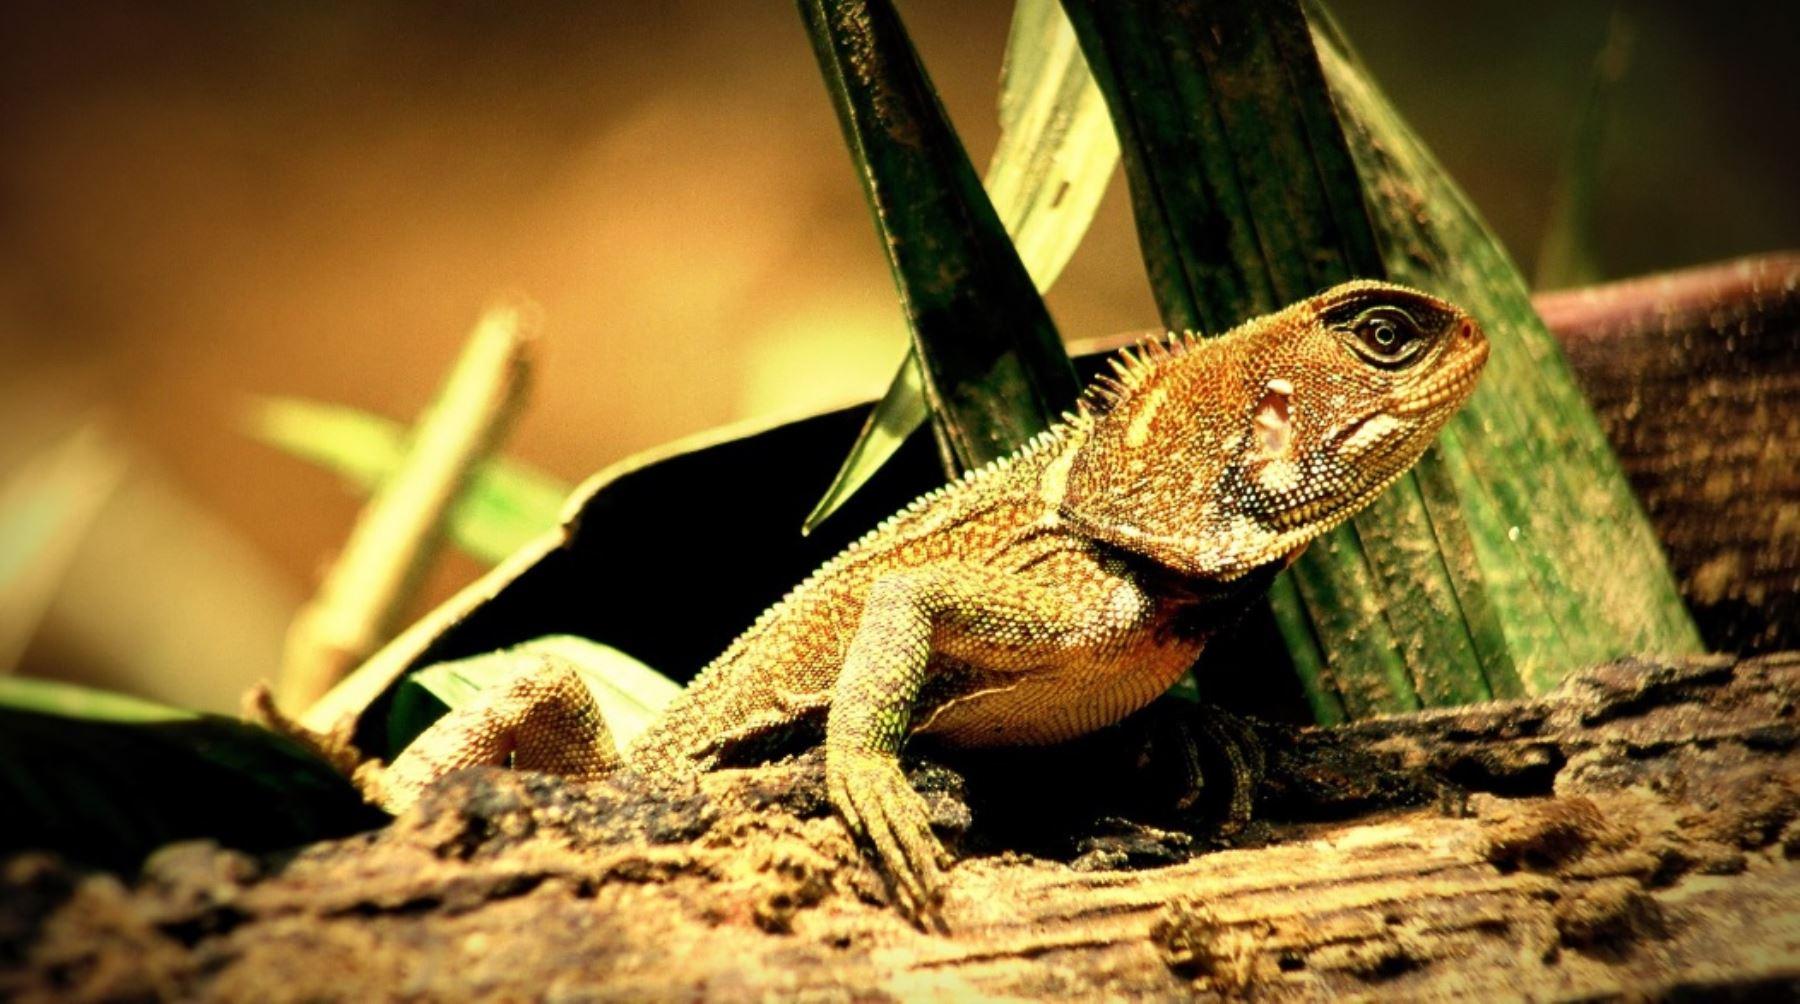 Gecko o lagartija más grande de la Amazonía, registrada en el Parque Nacional Sierra del Divisor. Foto: Facebook Parque Nacional Sierra del Divisor/Rhett A. Butler